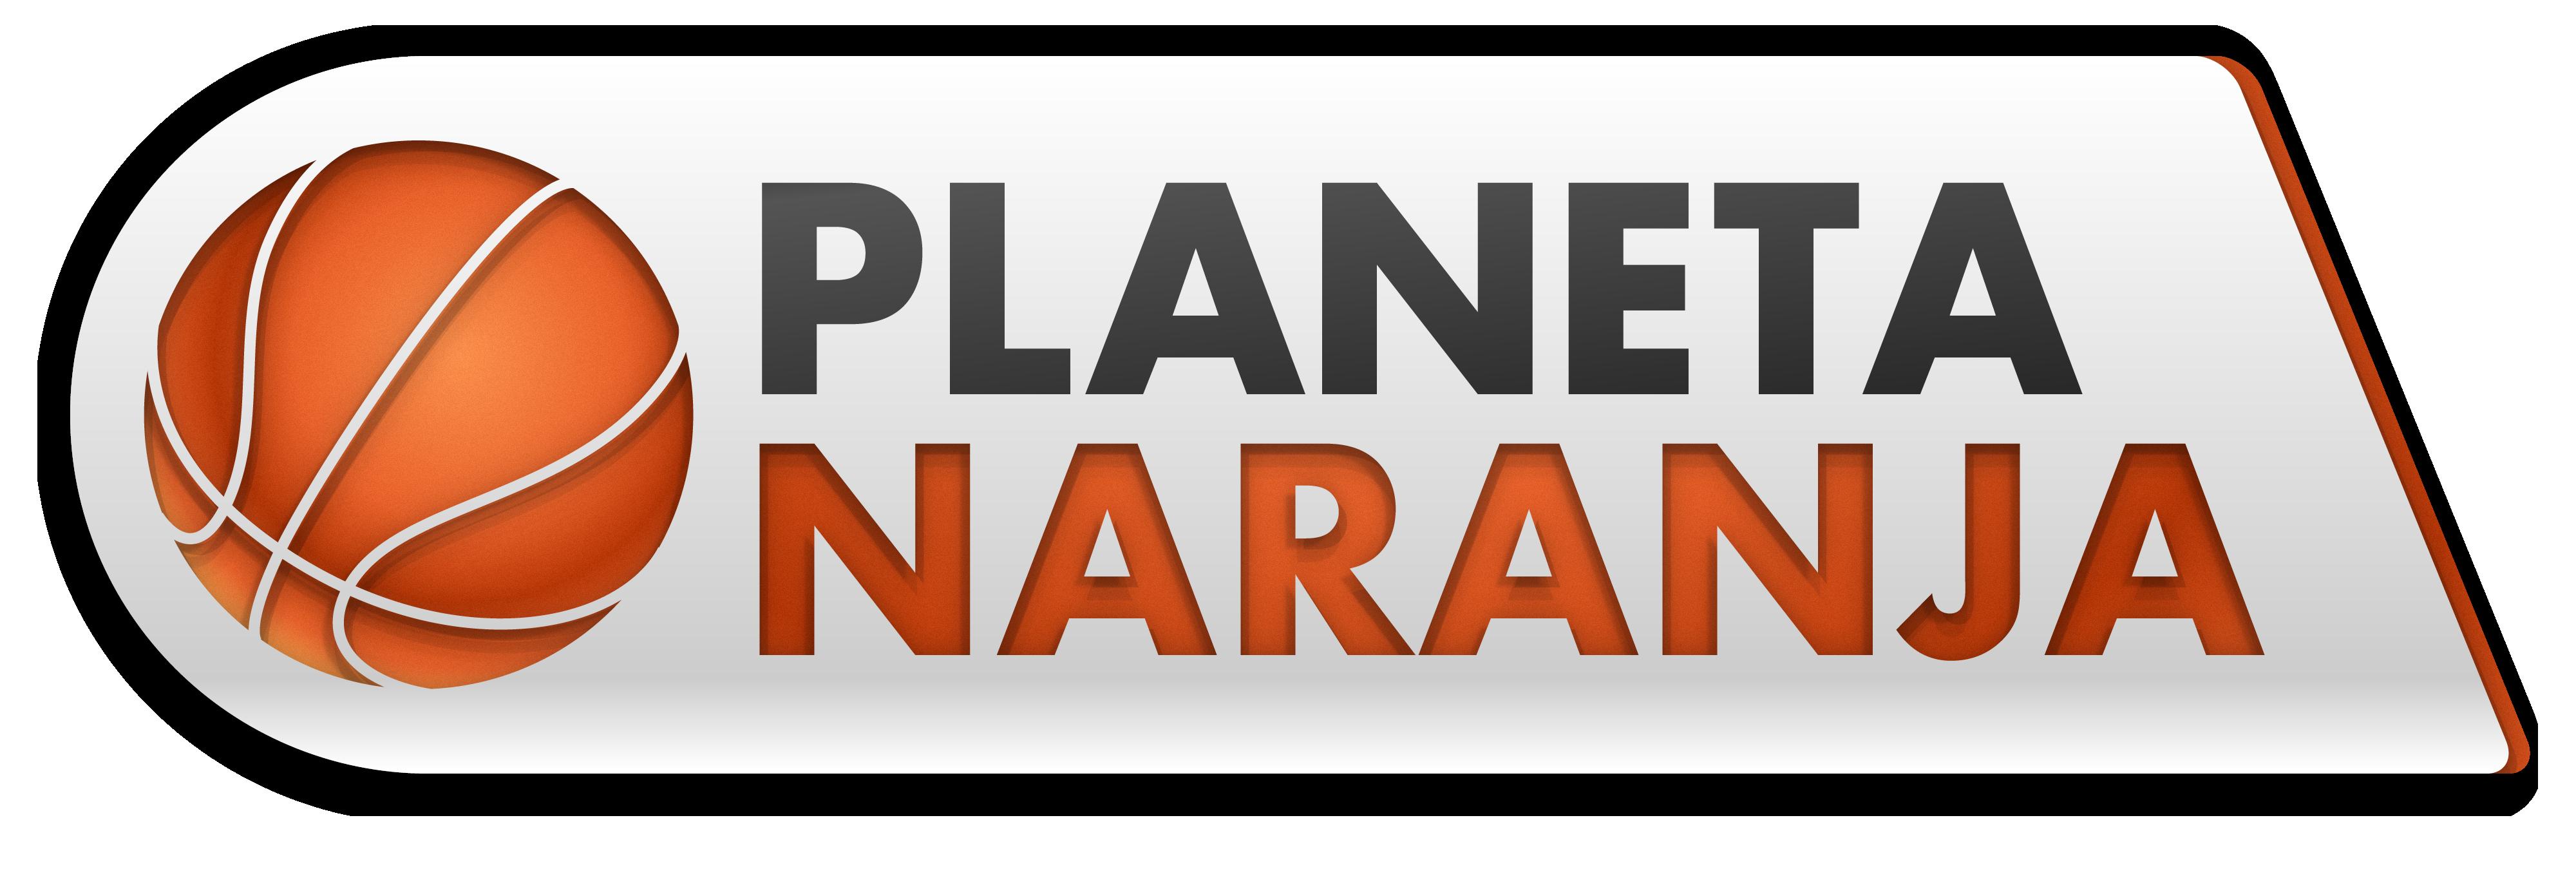 Planeta Naranja